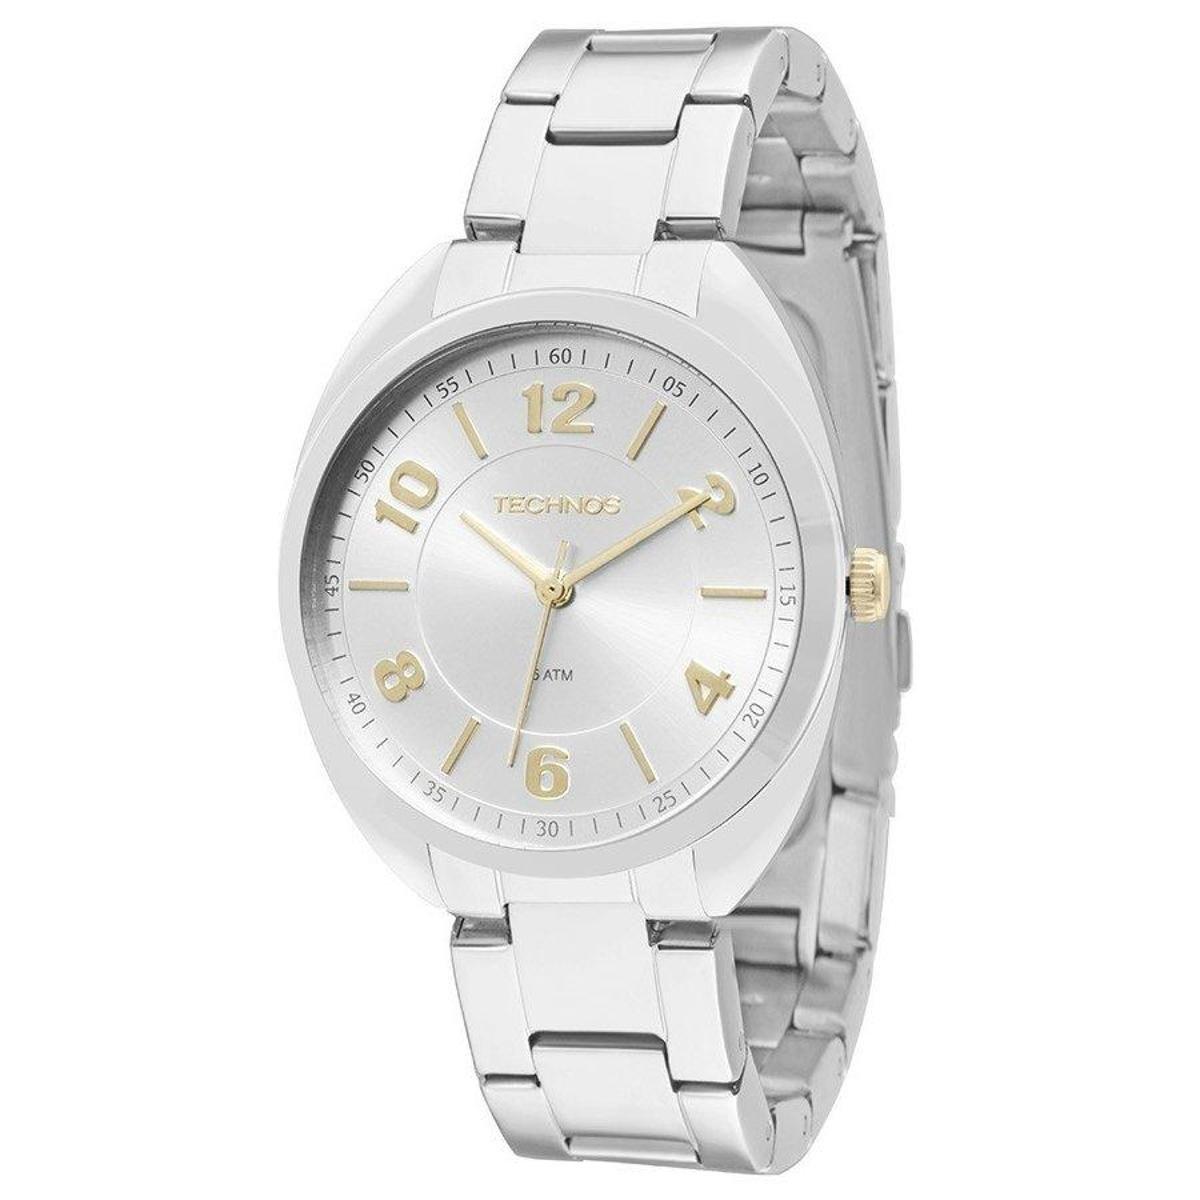 c76abc462f226 Relógio Technos Feminino Elegance Dress 2035Mcg 1K - Compre Agora ...